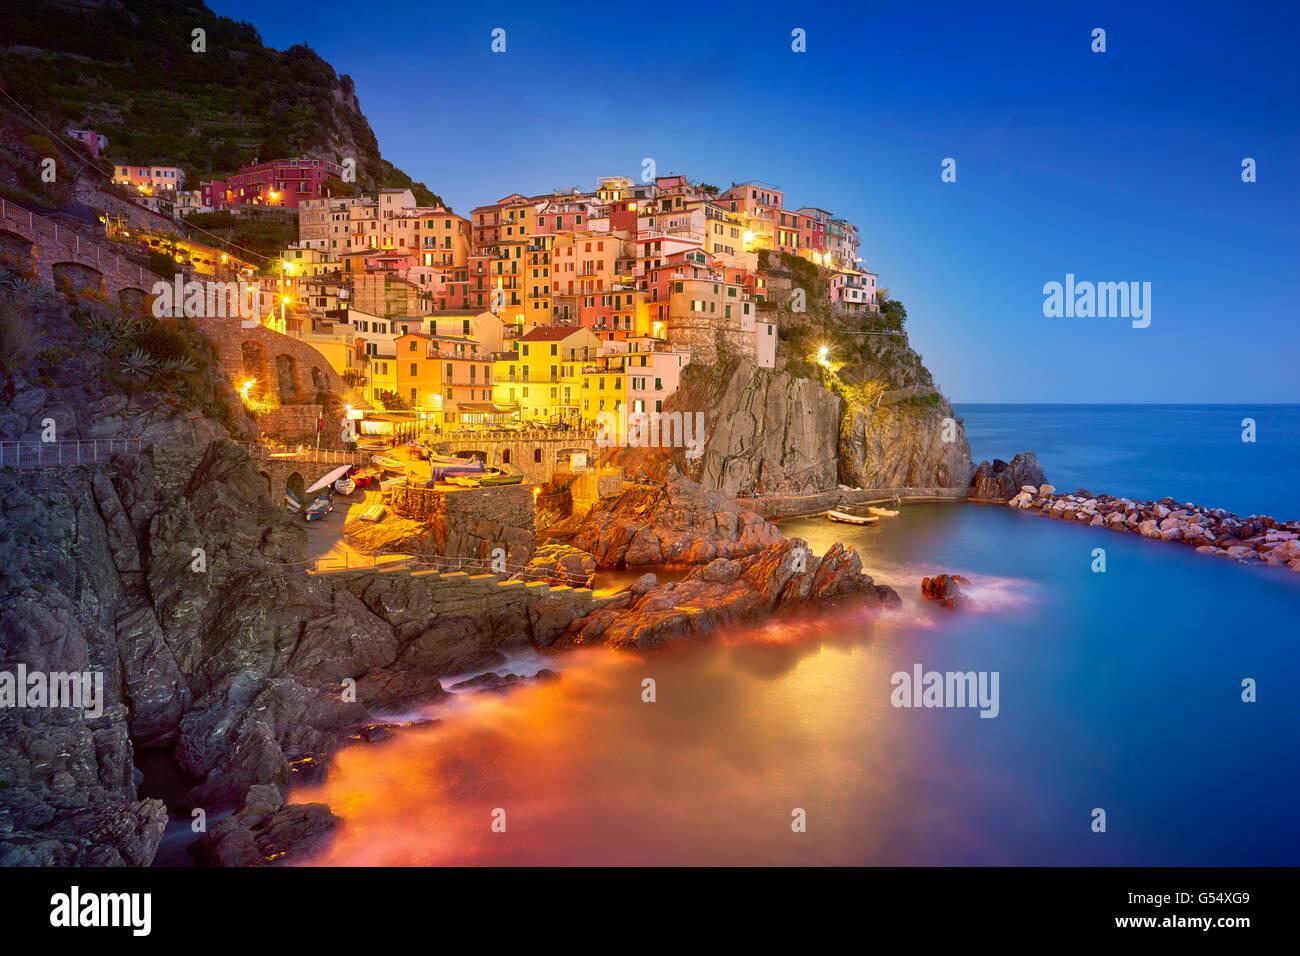 Manarola en la tarde noche, el Parque Nacional de Cinque Terre, Liguria, Italia, la UNESCO Imagen De Stock